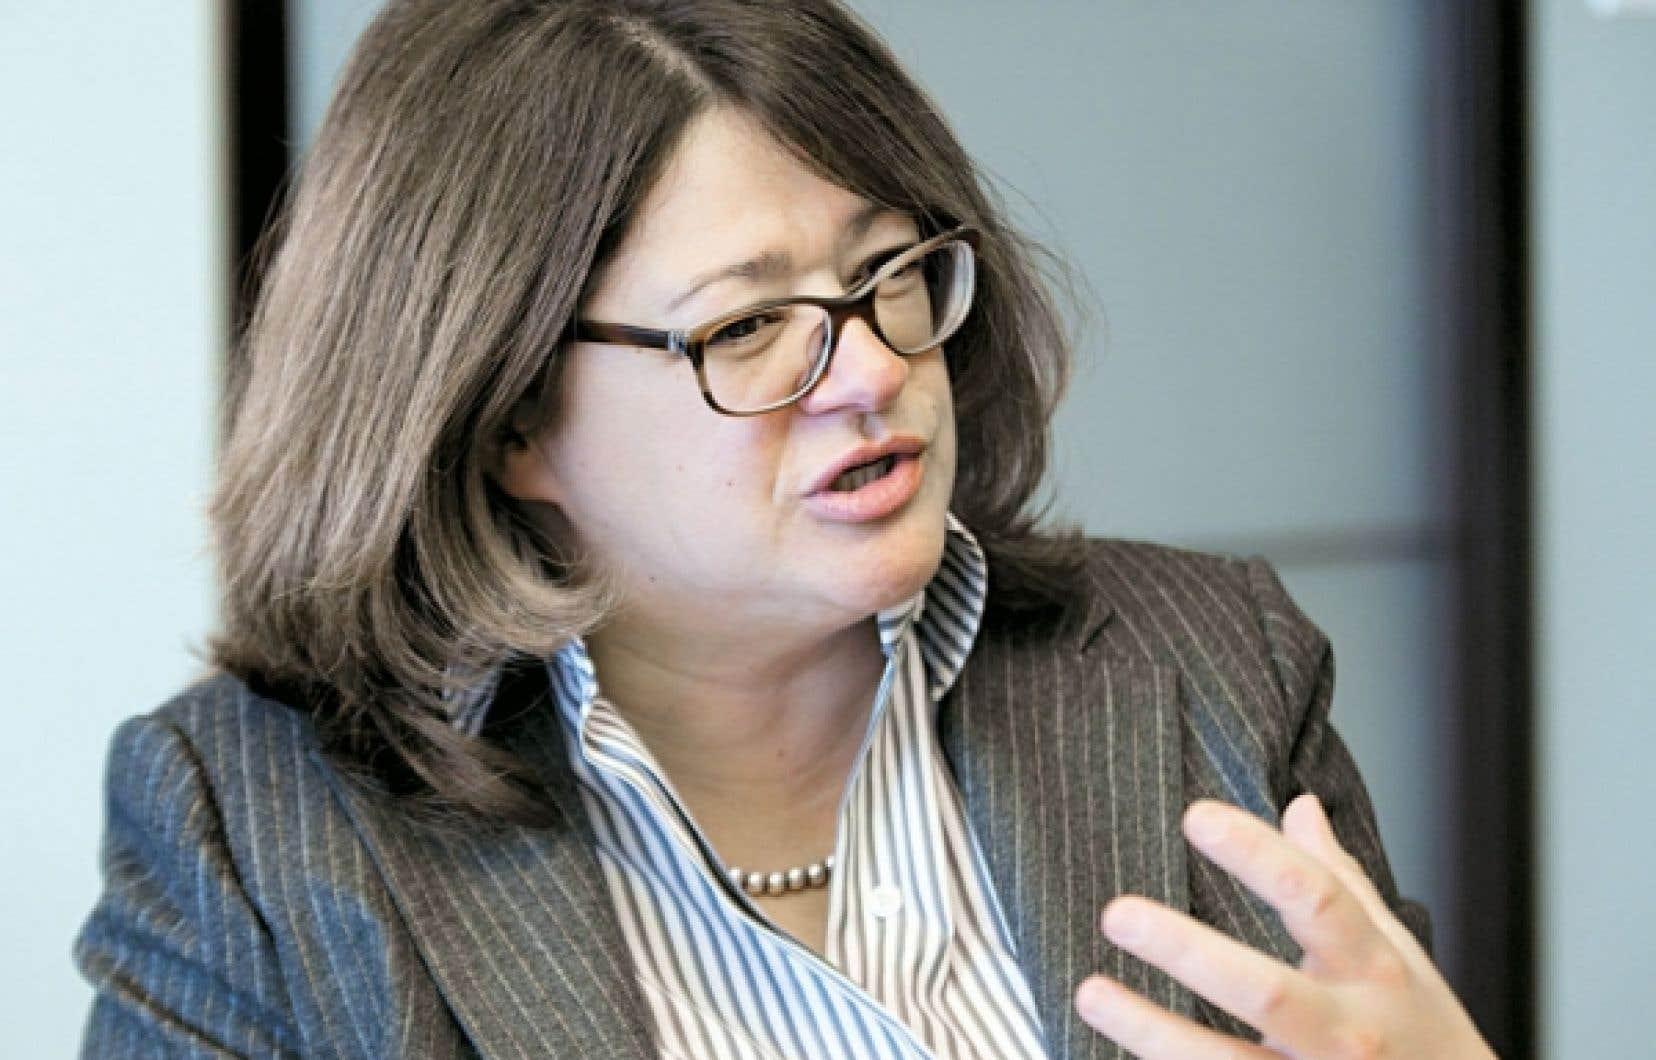 Selon Brigitte Simard, associée directrice du bureau montréalais de Korn/Ferry et chasseuse de têtes, il est impératif que les femmes réseautent différemment si elles veulent atteindre les plus hauts sommets dans les conseils d'administration.